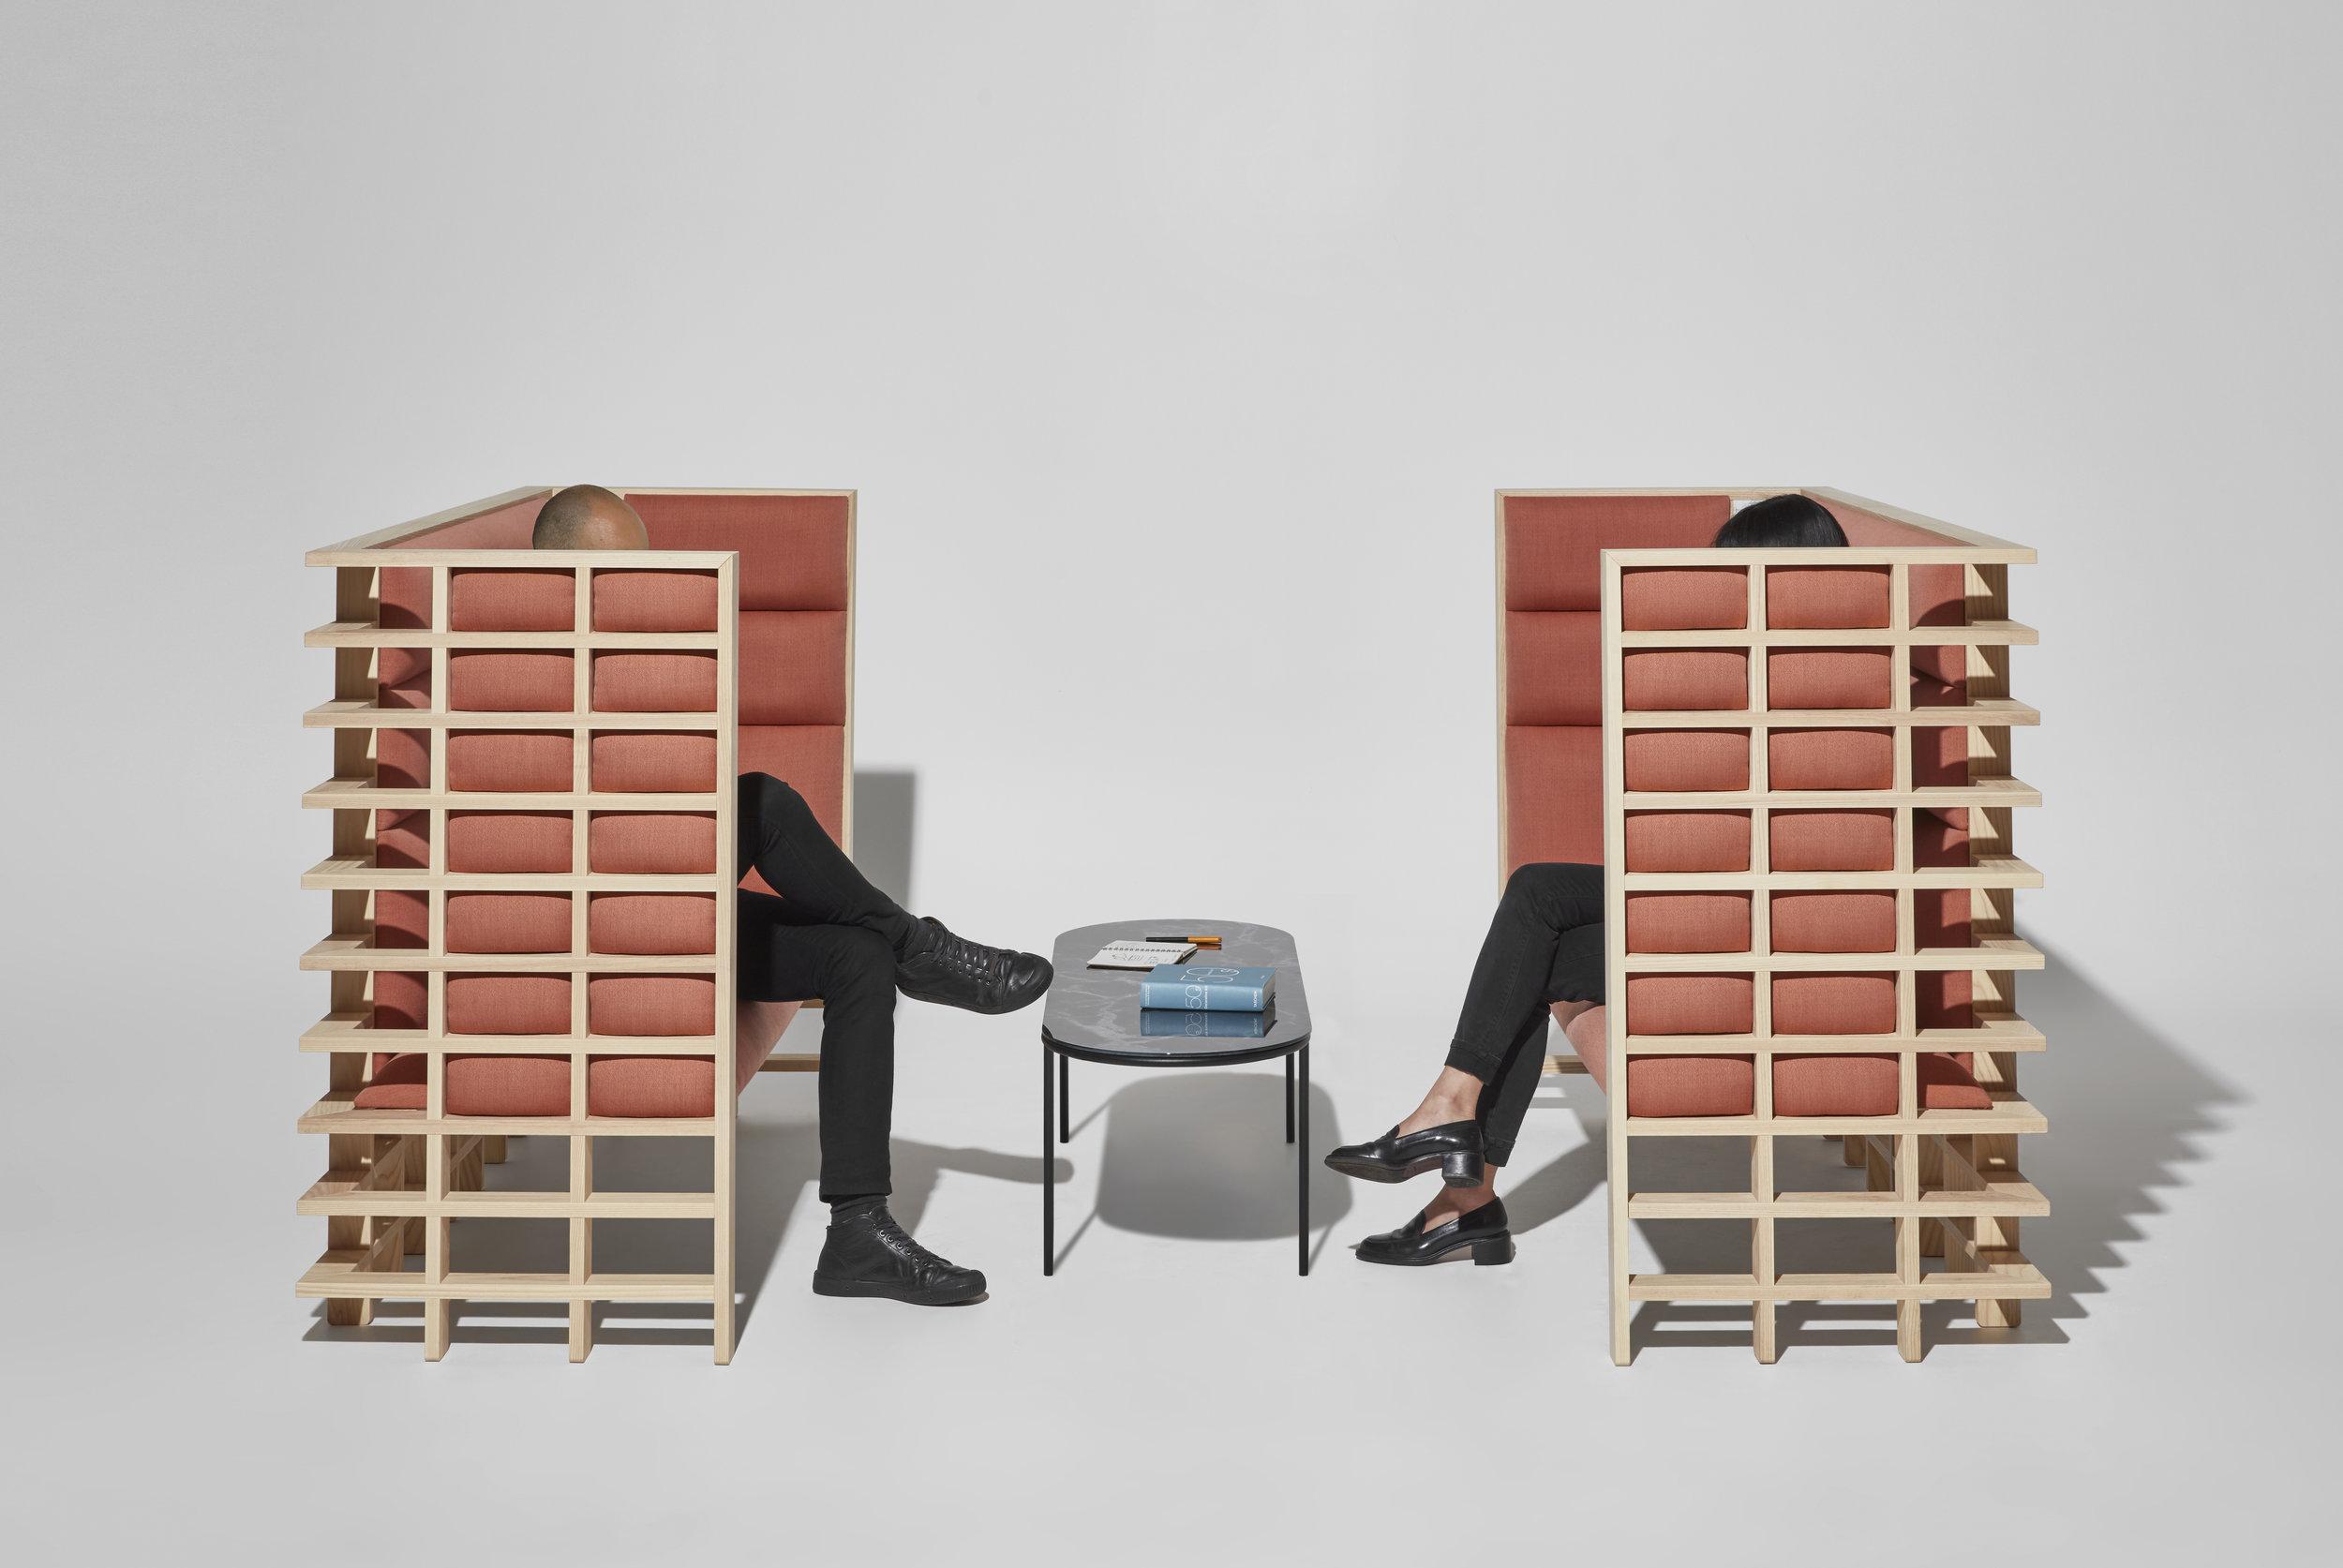 mochi-booths-2-apricot-fab-facing-hr.jpg